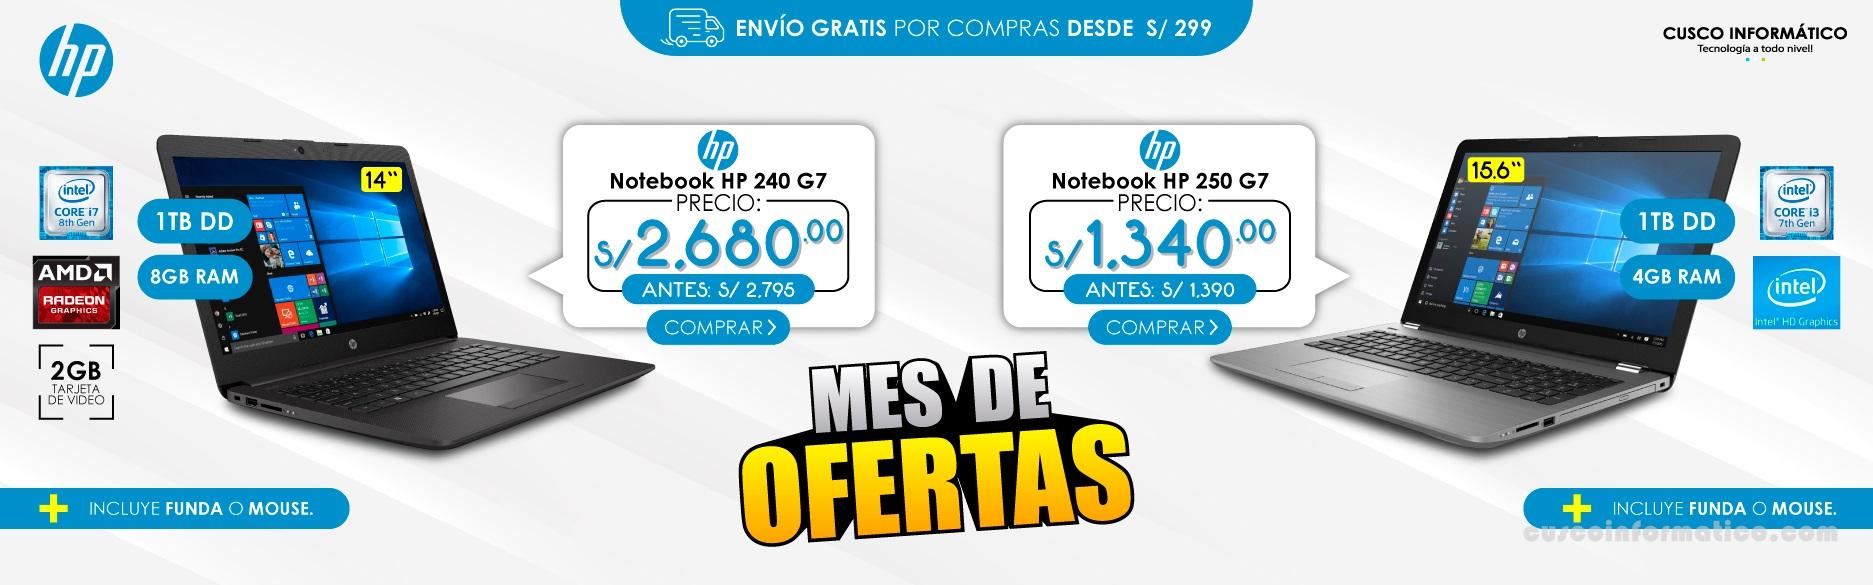 Ofertas en laptop Cusco Informatico